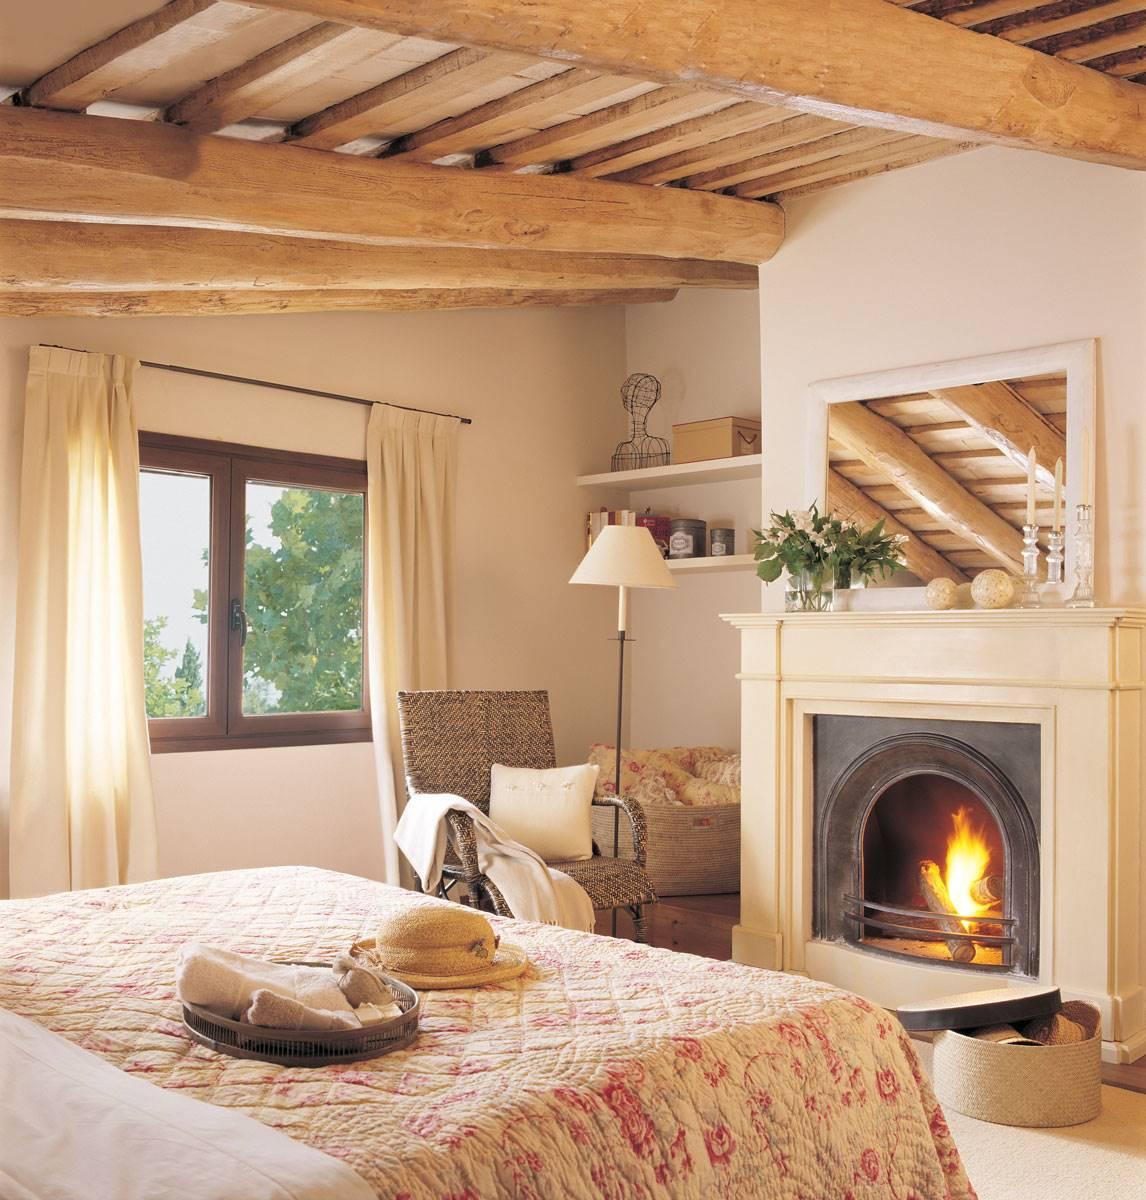 dormitorio-con-vigas-de-madera-y-chimenea-156153 3f03560d. La llama del romanticismo